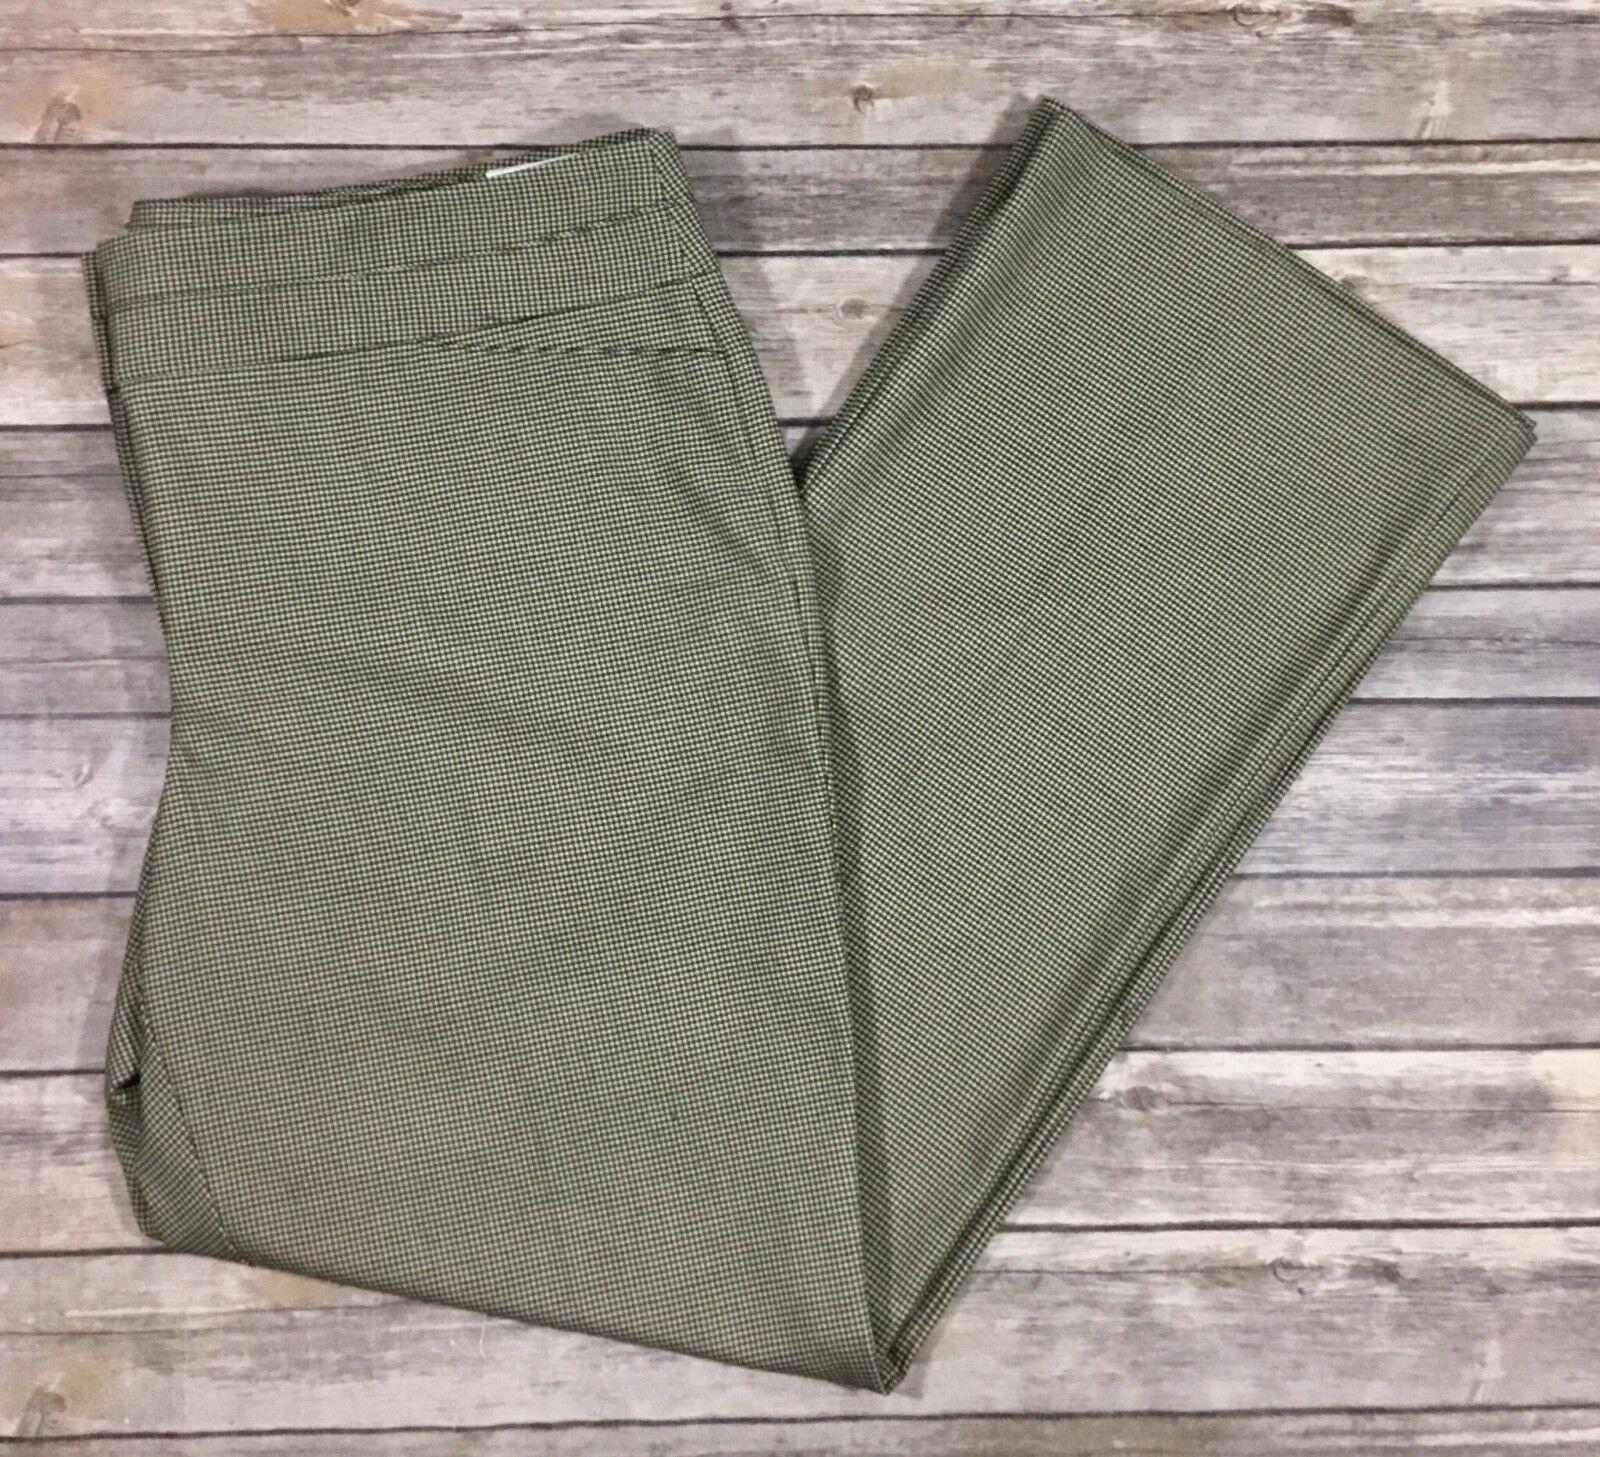 Ann Taylor LOFT NWT damen Original Straight Leg Houndstooth Dress Pants 16 E29